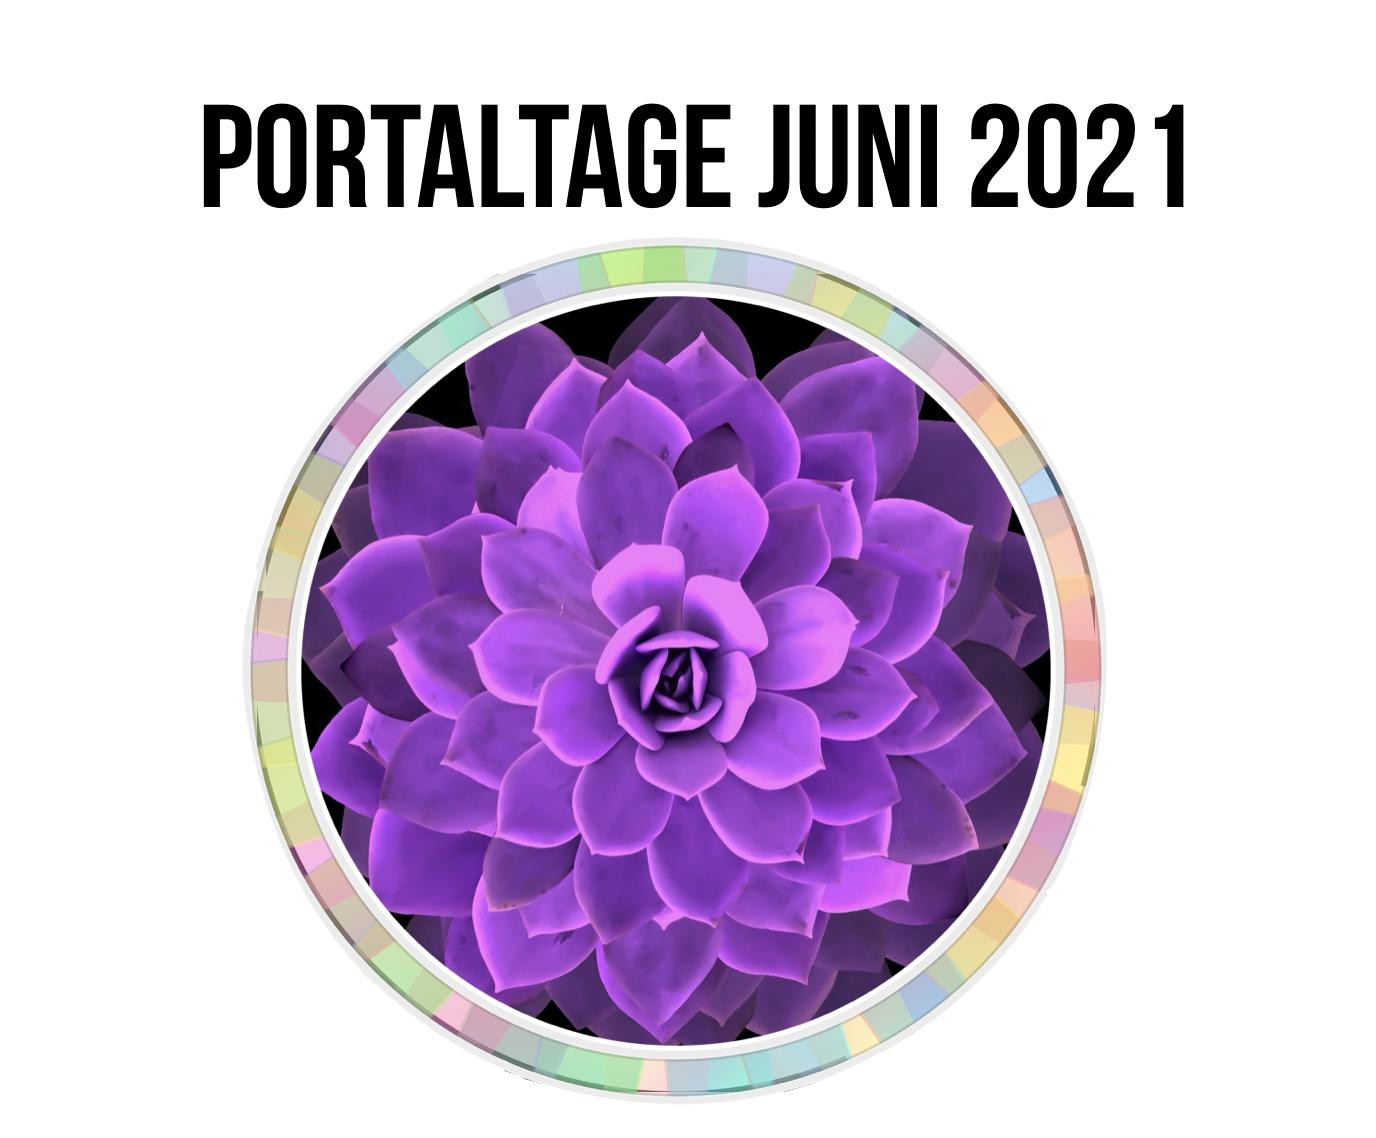 Portaltage im Juni 2021